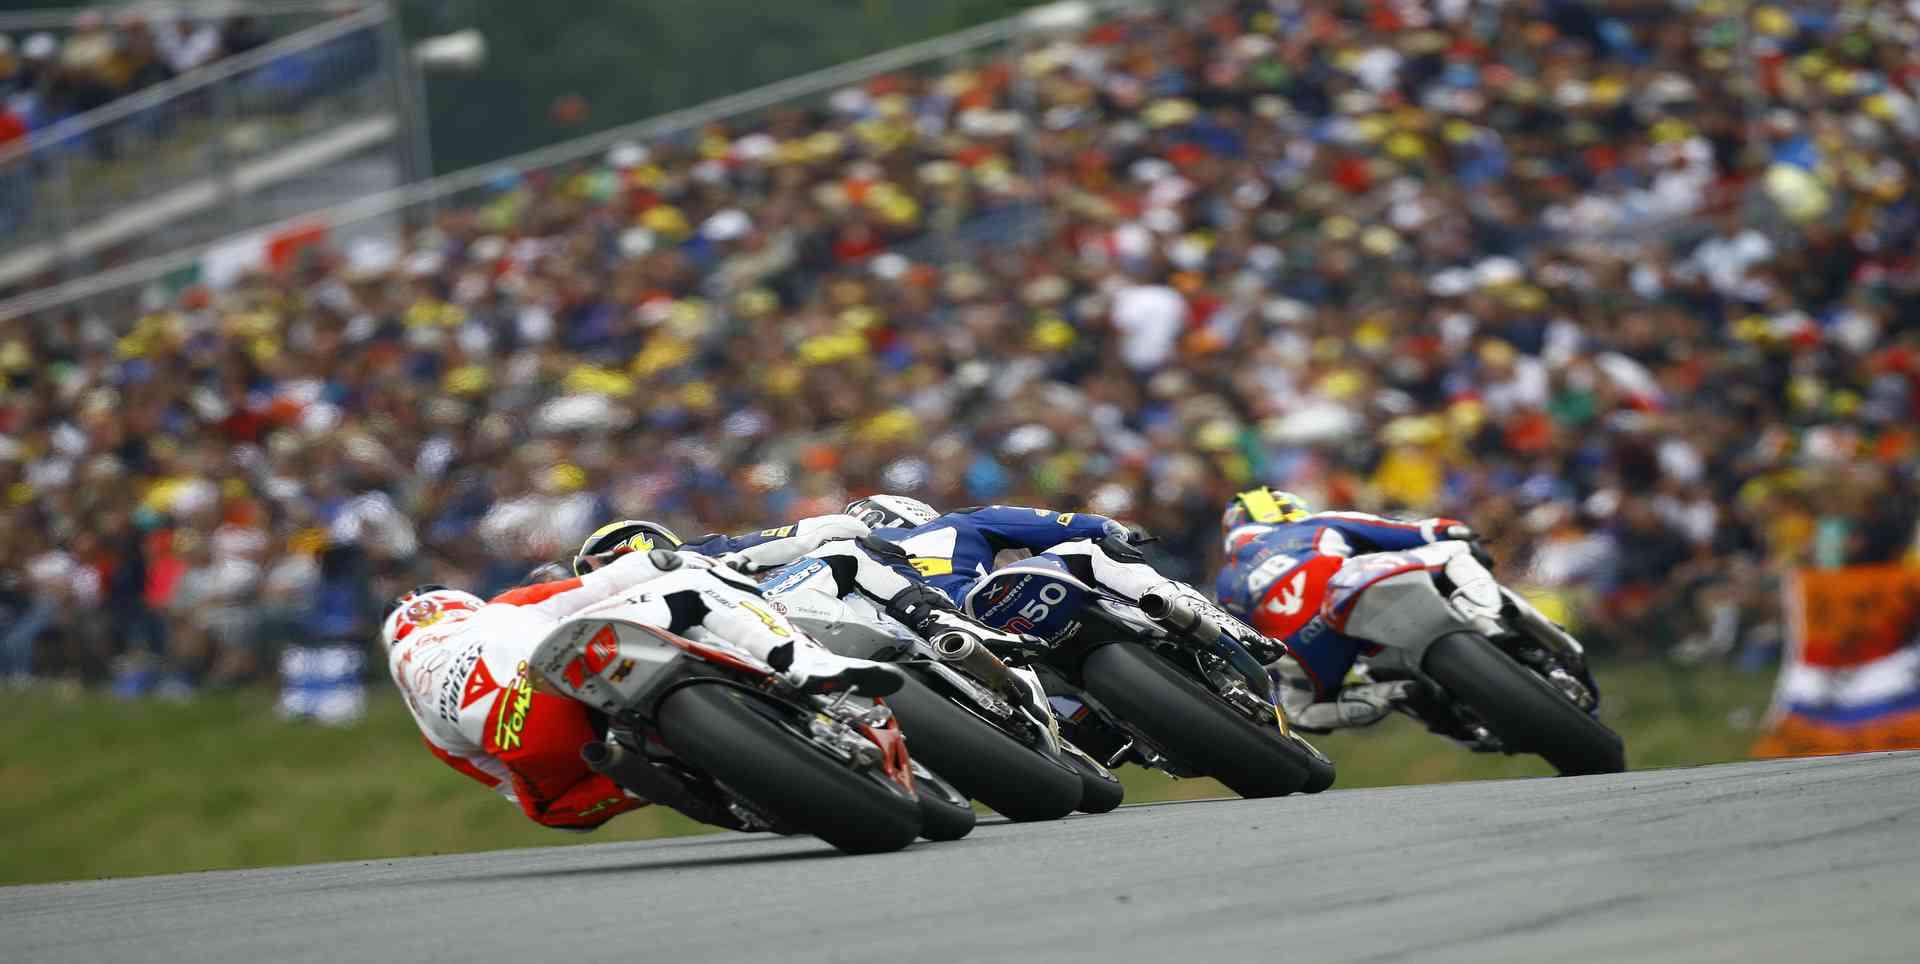 Live Silverstone GP Superbike Online